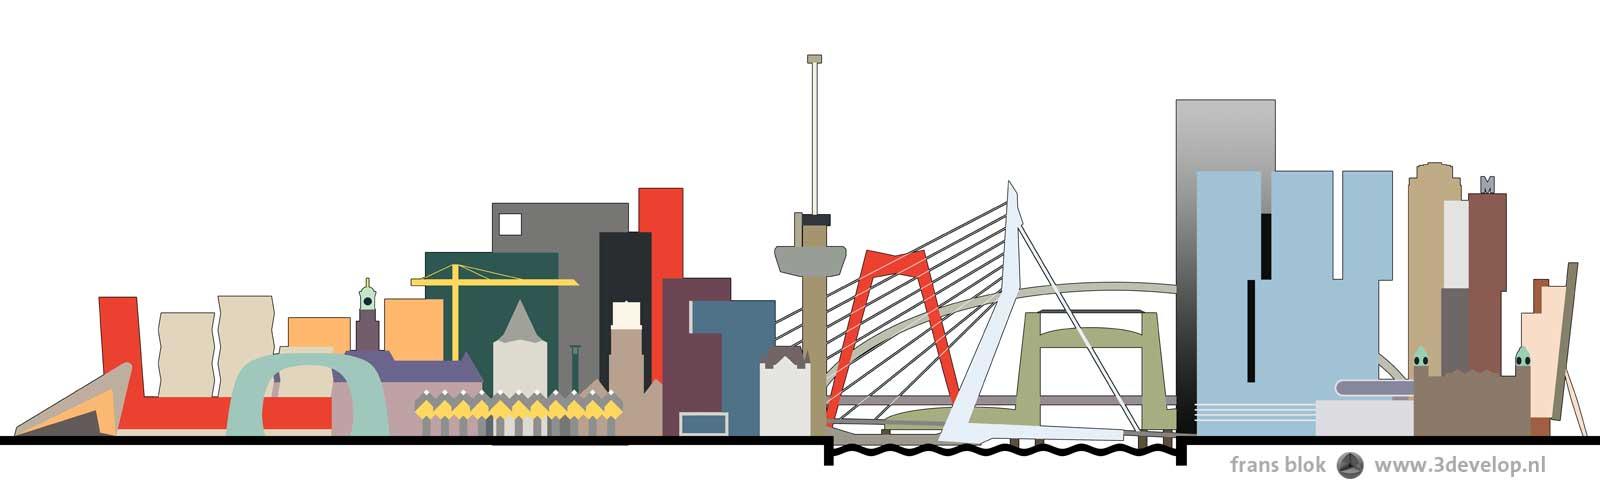 Grafische weergaven van de kleurrijke skyline van Rotterdam, met vier bruggen en met iconische gebouwen als het Centraal Station, de Markthal, de Euromast en De Rotterdam